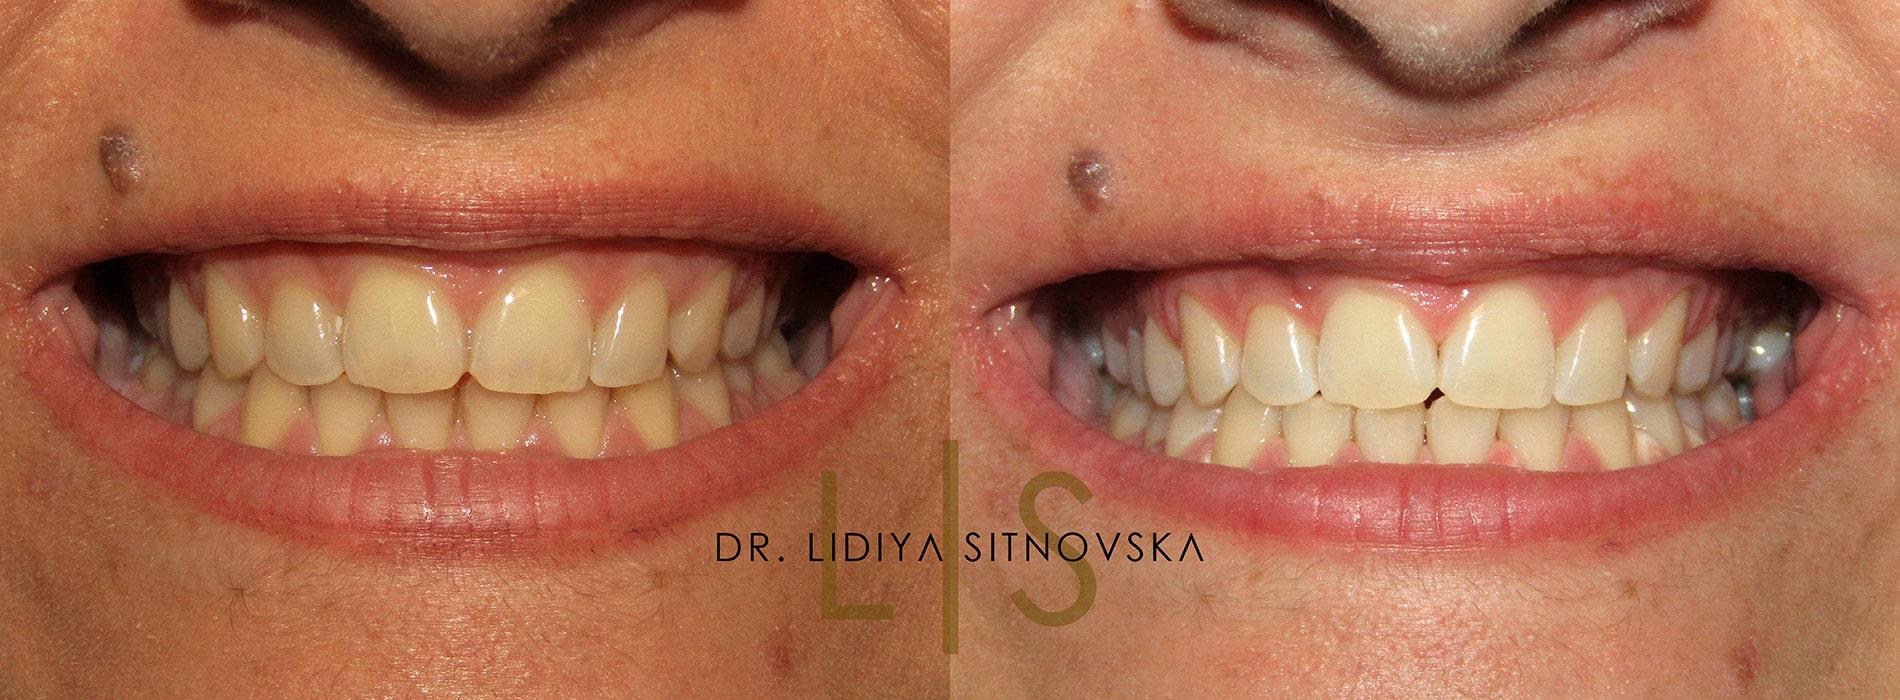 Д-р Лидия Ситновска избелване